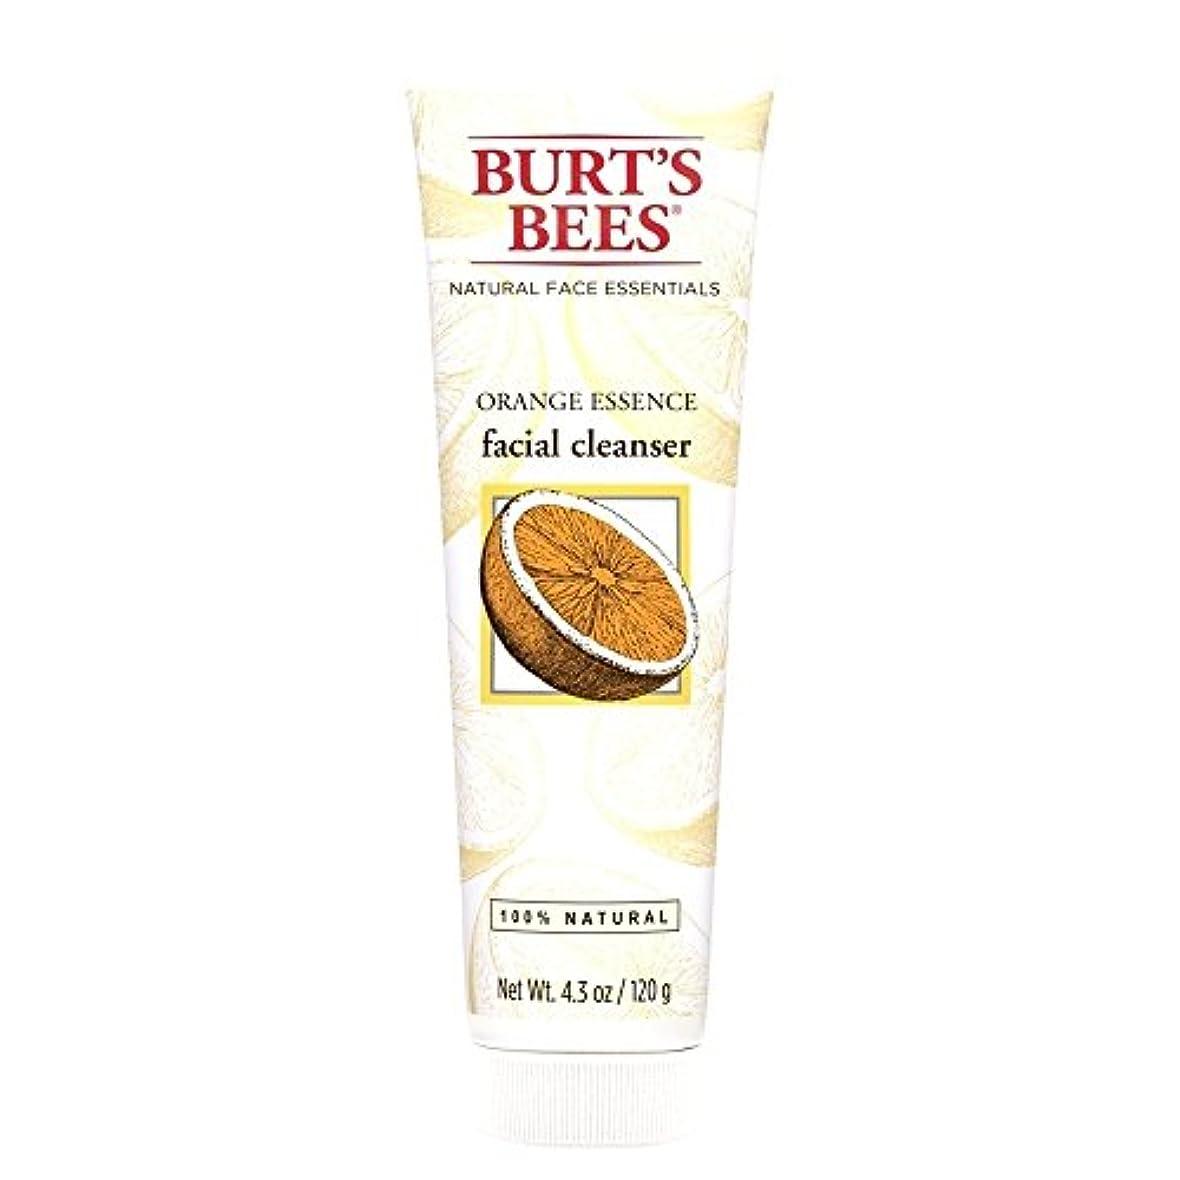 ポークいたずらな浪費バーツビーオレンジエッセンス洗顔料、125グラム (Burt's Bees) (x6) - Burt's Bees Orange Essence Facial Cleanser, 125g (Pack of 6) [並行輸入品]